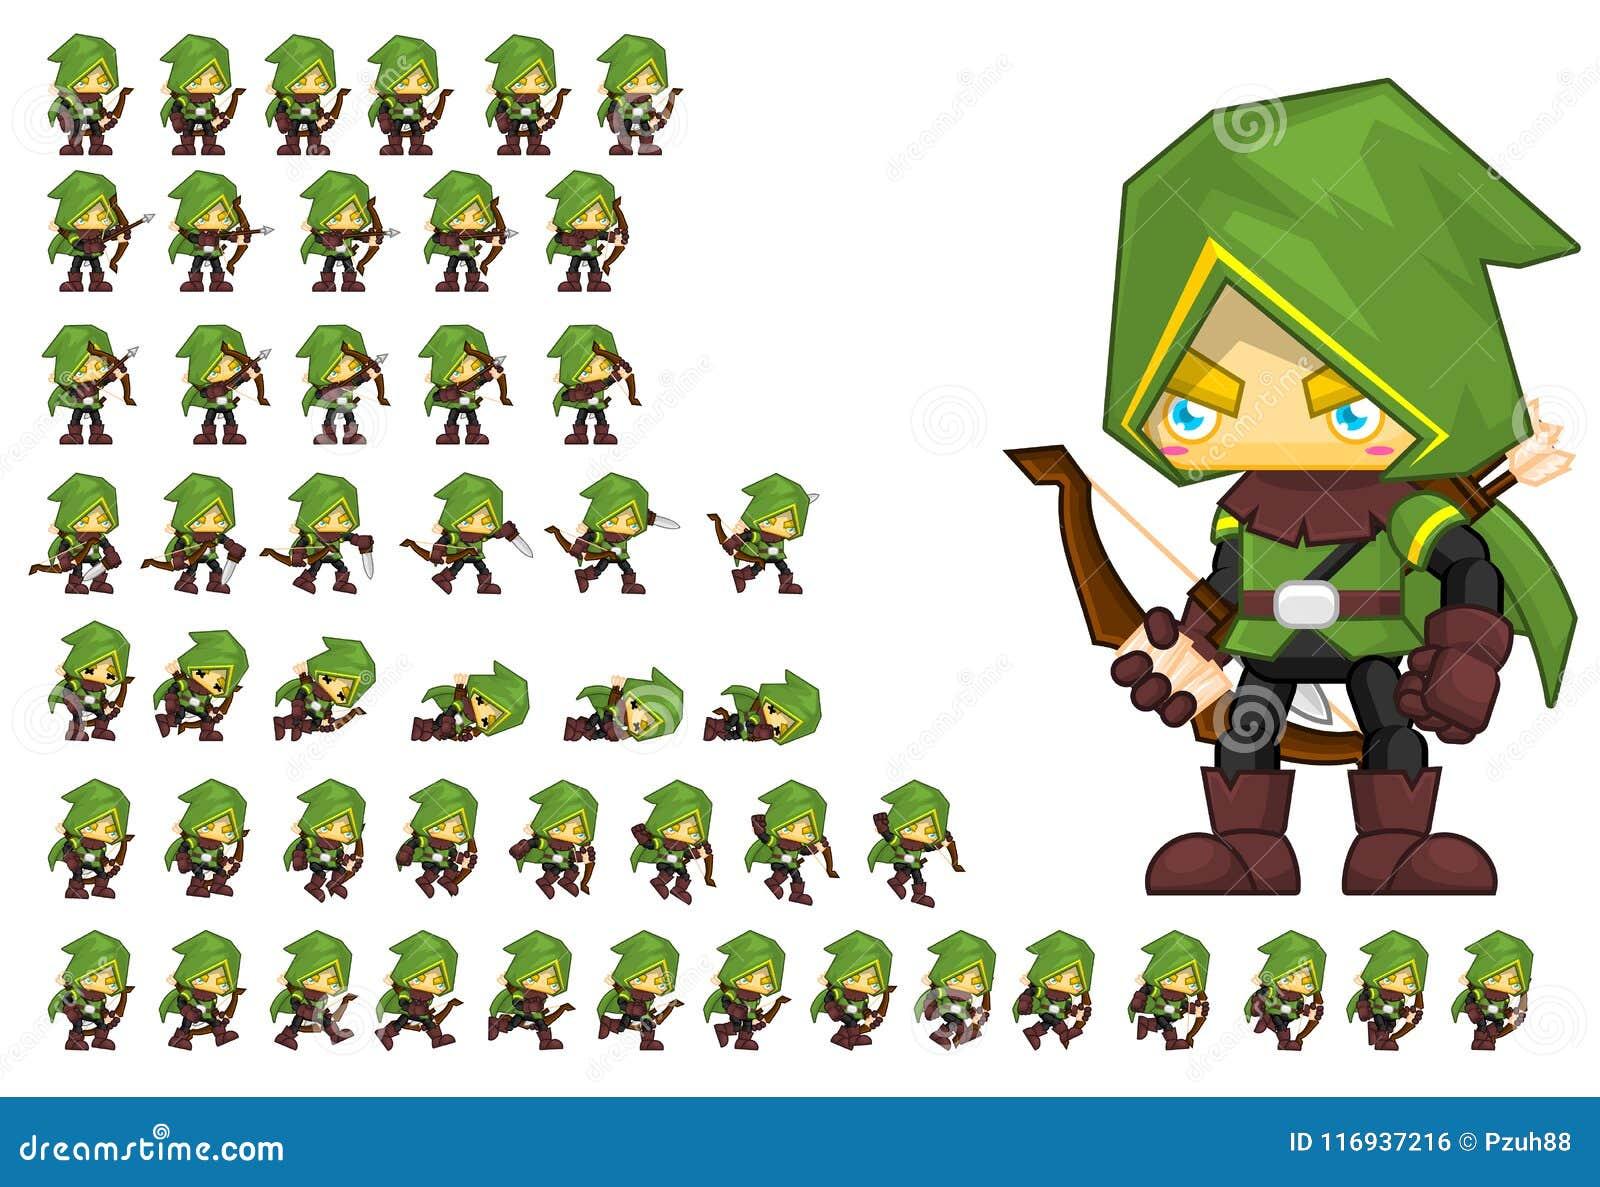 Download archer animé character sprites illustration de vecteur illustration du costume imagination 116937216